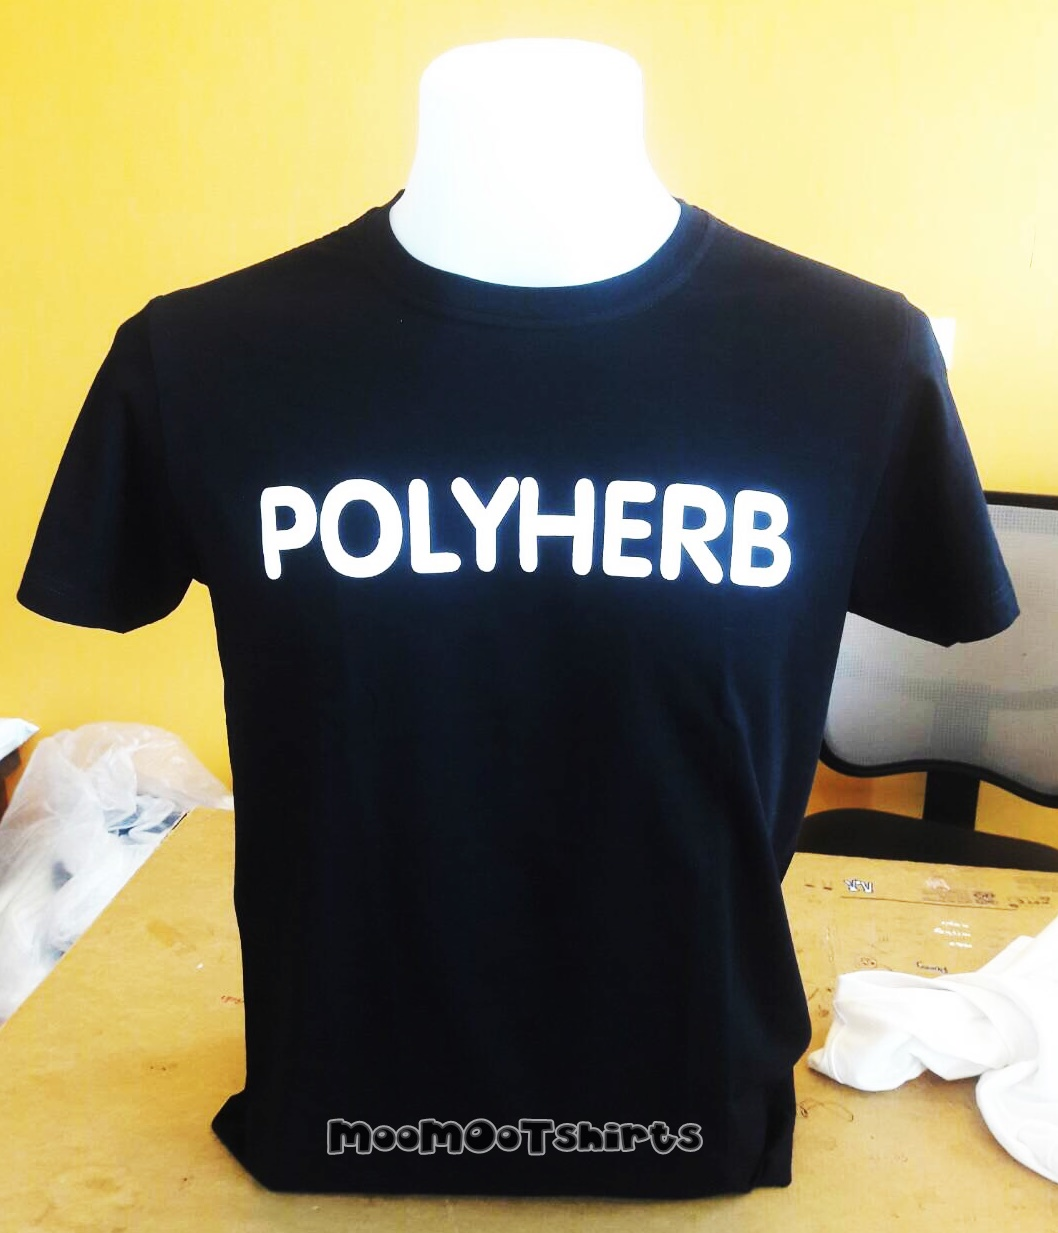 รับสกรีนเสื้อระบบดิจิตอล งานด่วนงานไว เสื้อดำสกรีนตัวอักษรสีขาว 1 ตัว